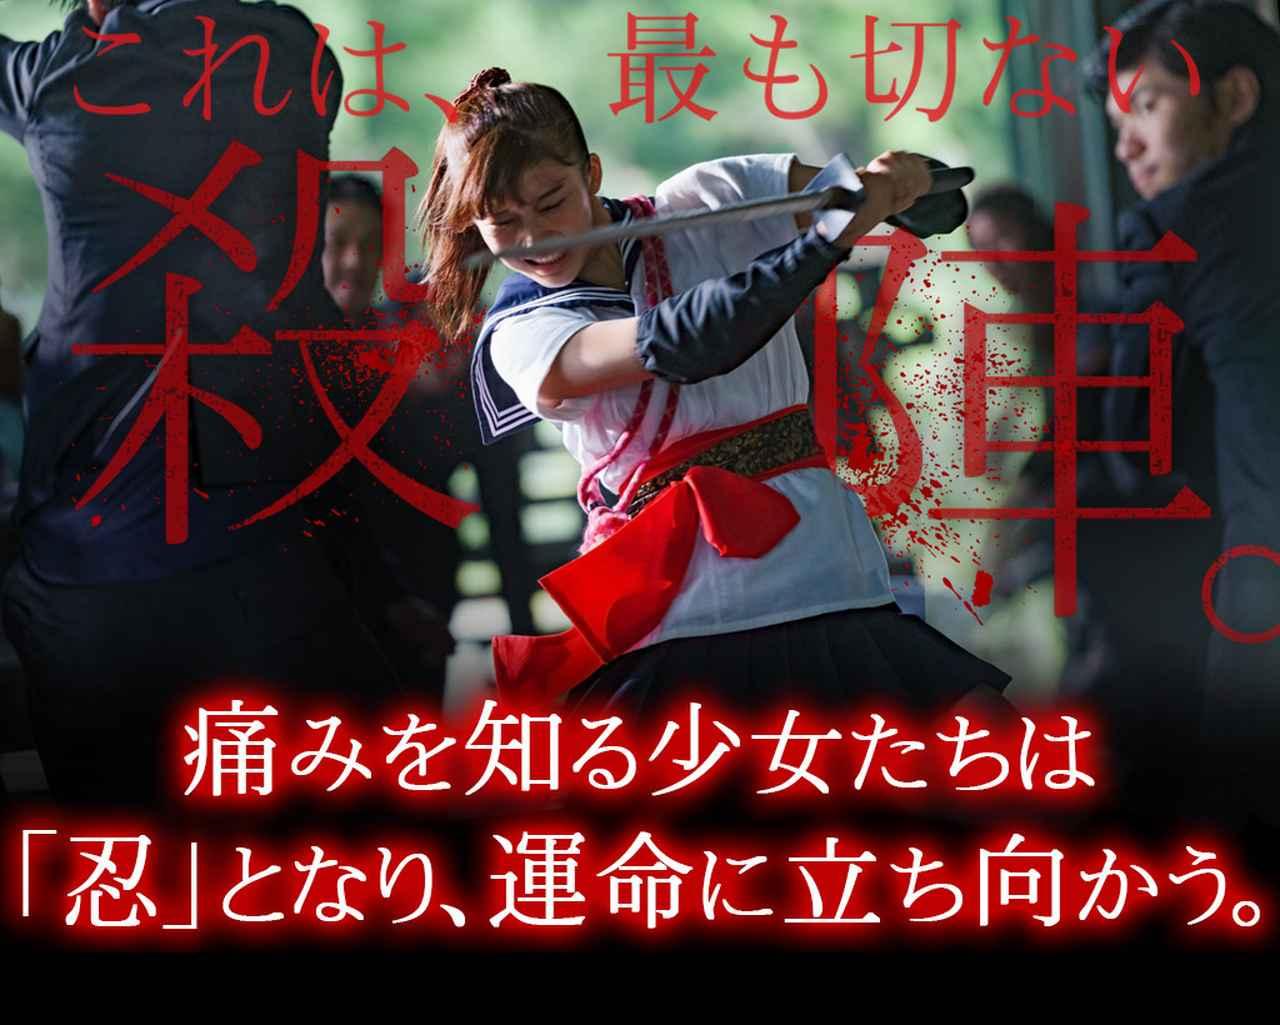 画像: 映画『レッド・ブレイド RED BLADE』公式サイト